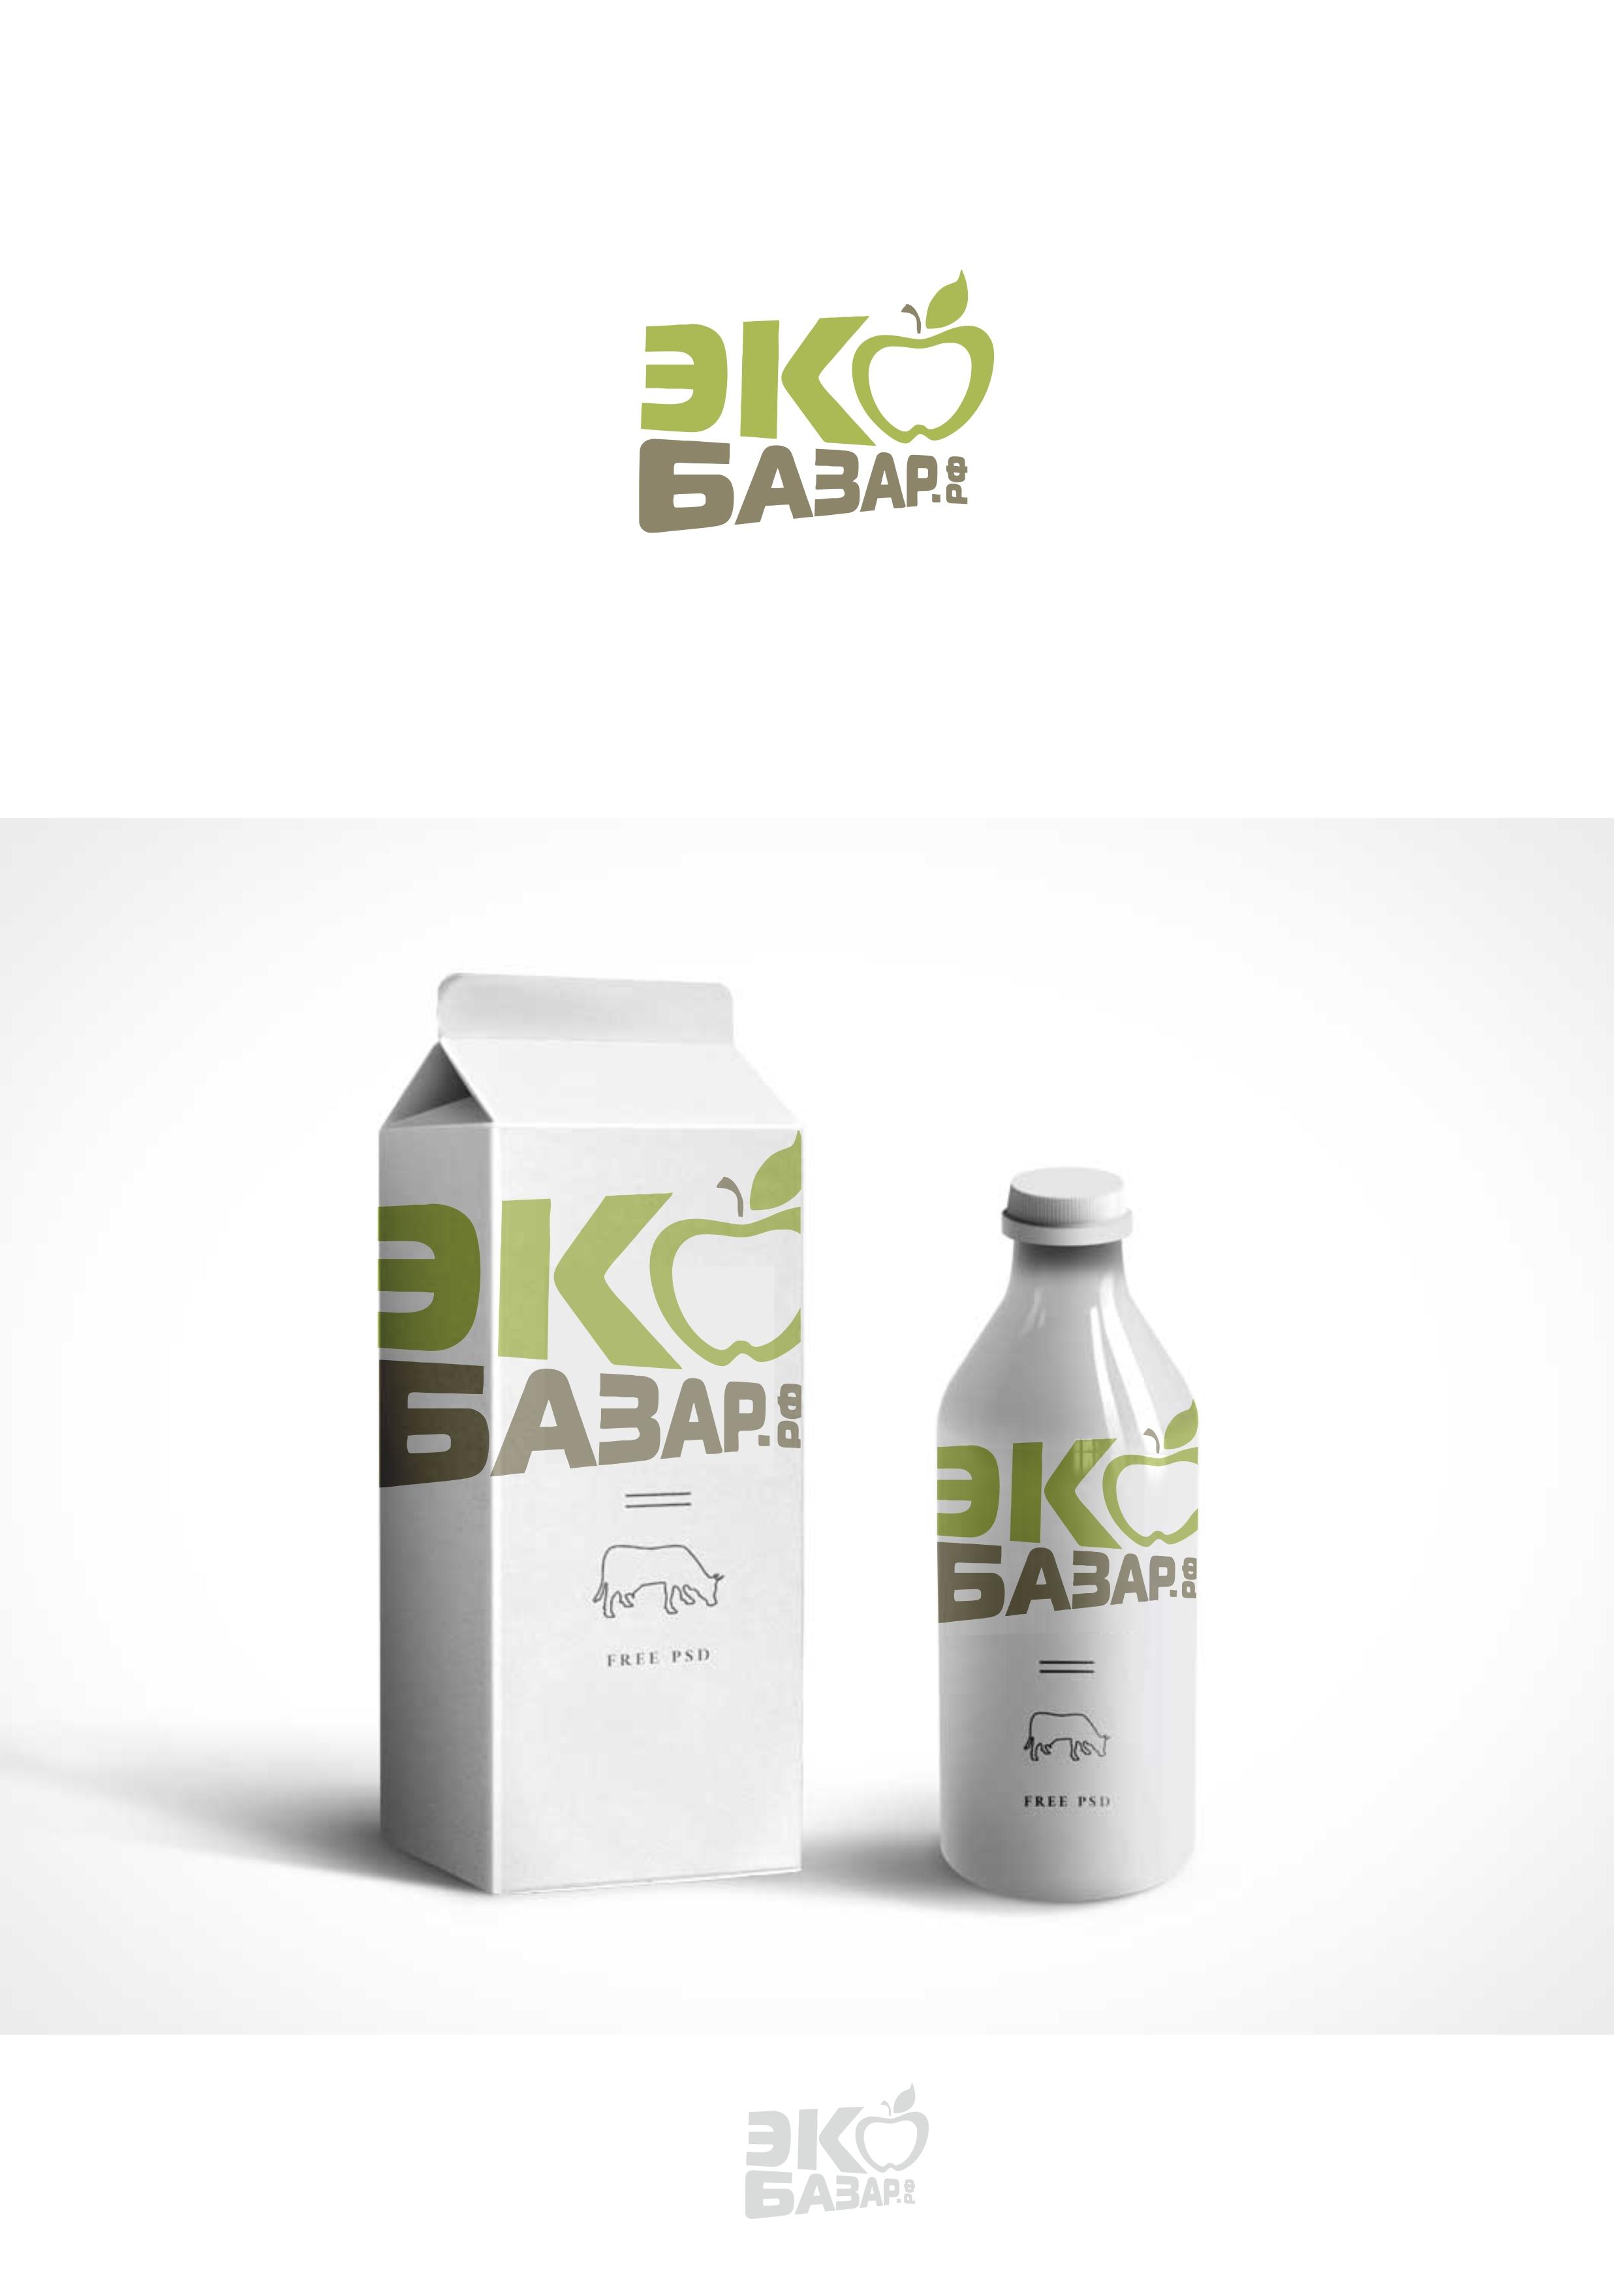 Логотип компании натуральных (фермерских) продуктов фото f_3485941391d8880a.jpg